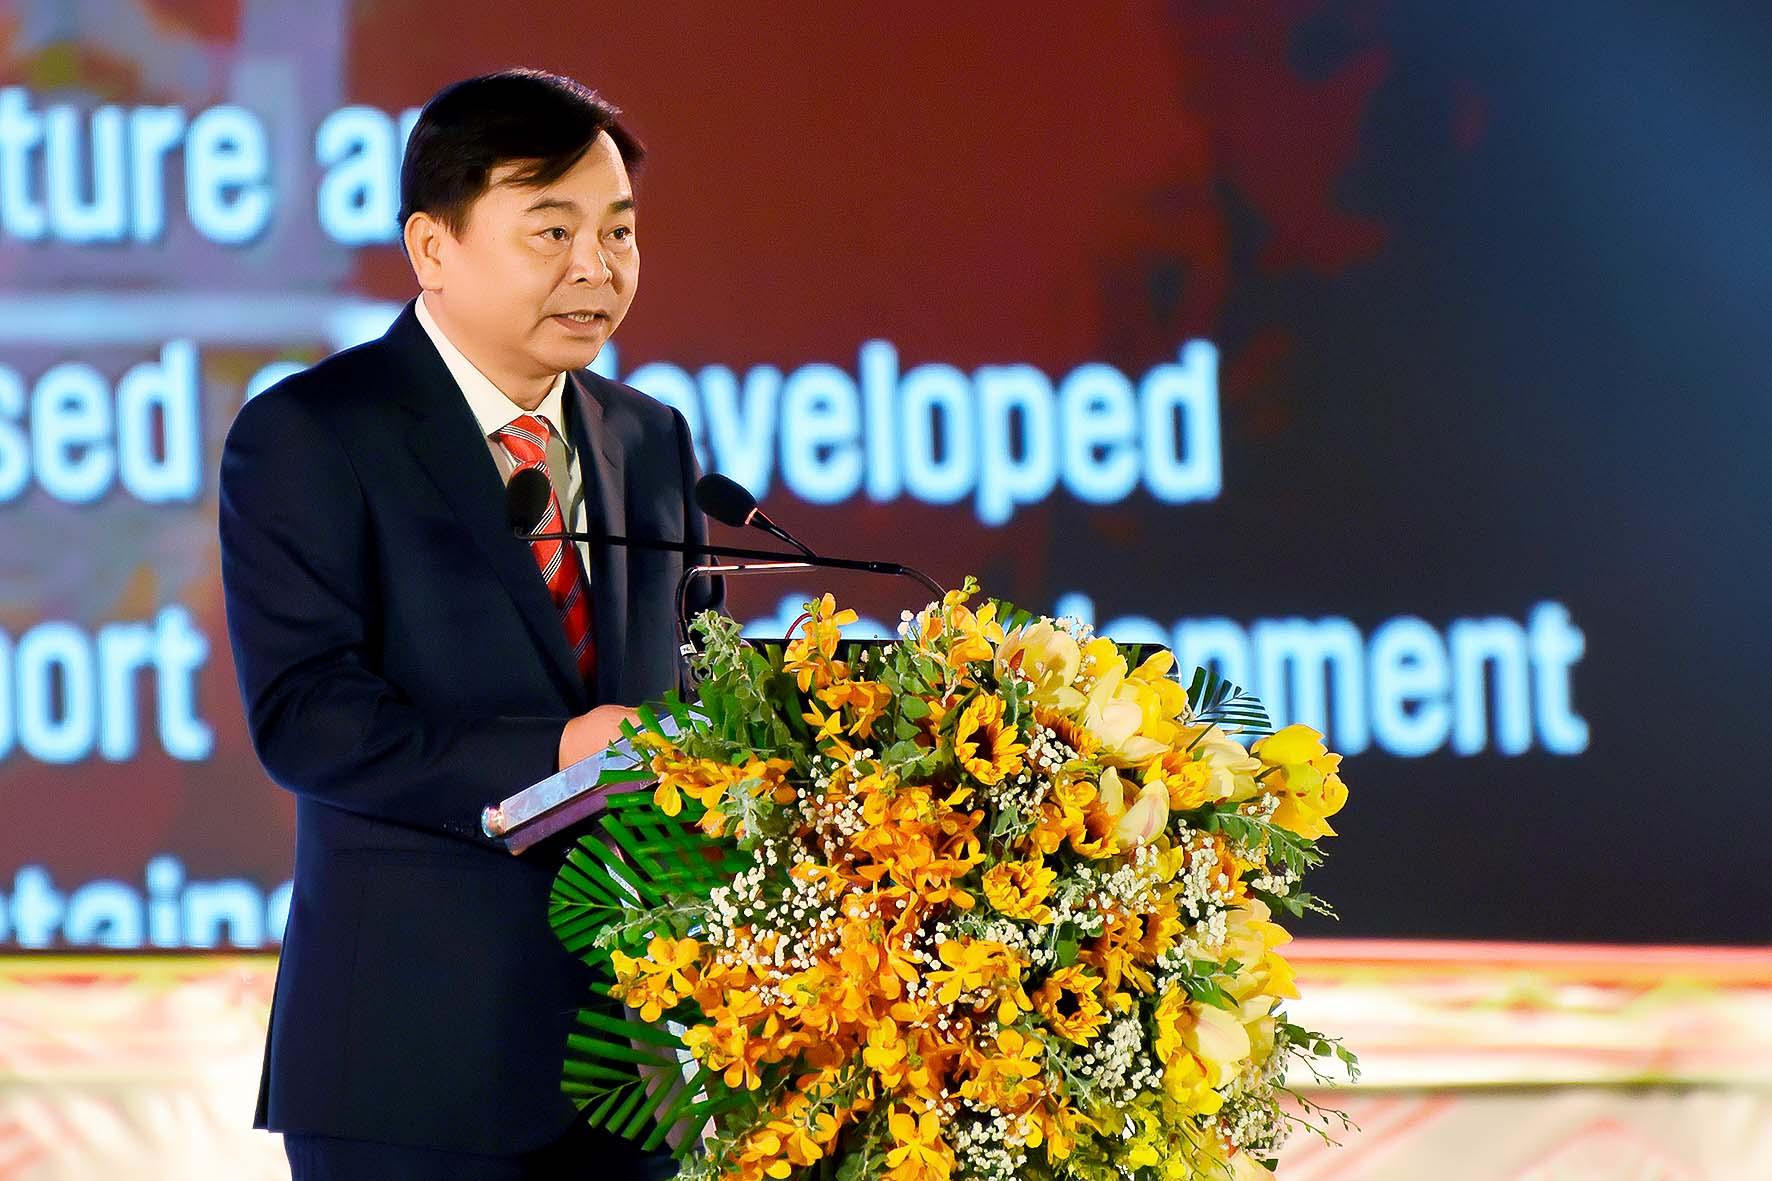 ông nguyễn hoàng hiệp thứ trưởng bô NN&PTNT phát biểu tại lễ hội cà phê vệt nam (2).jpg